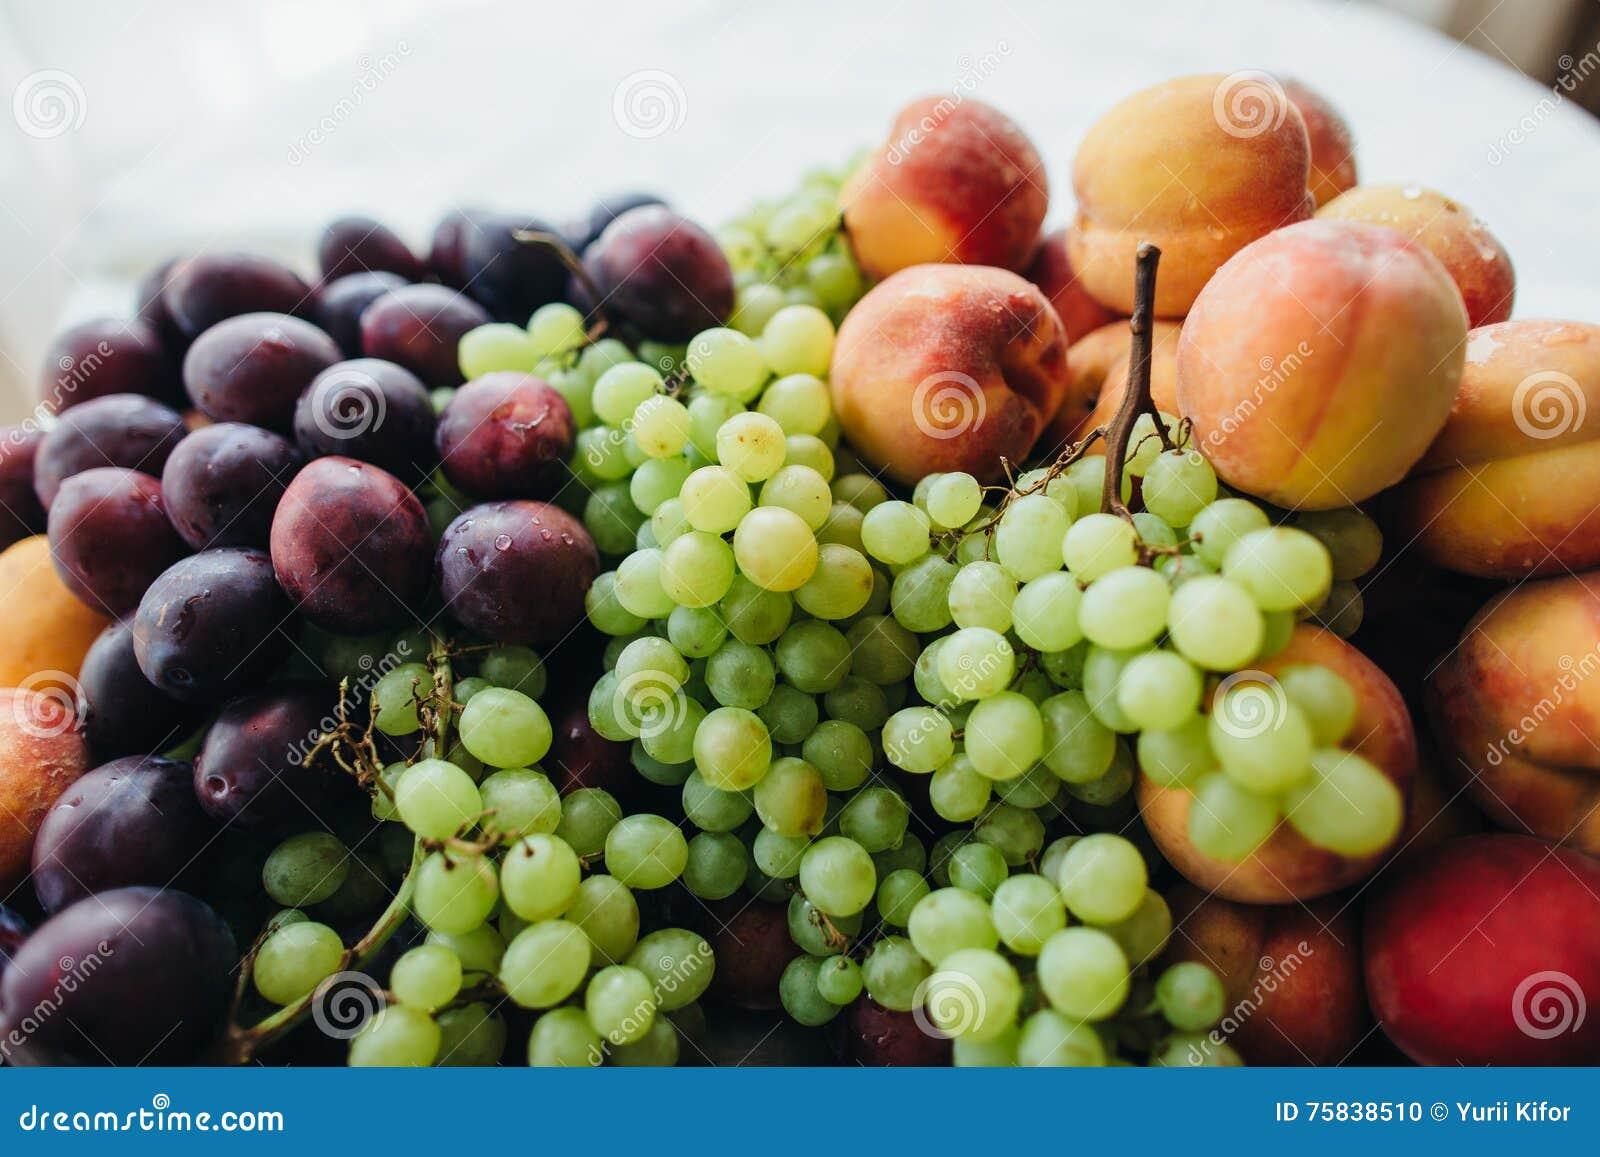 Still life. Fruits